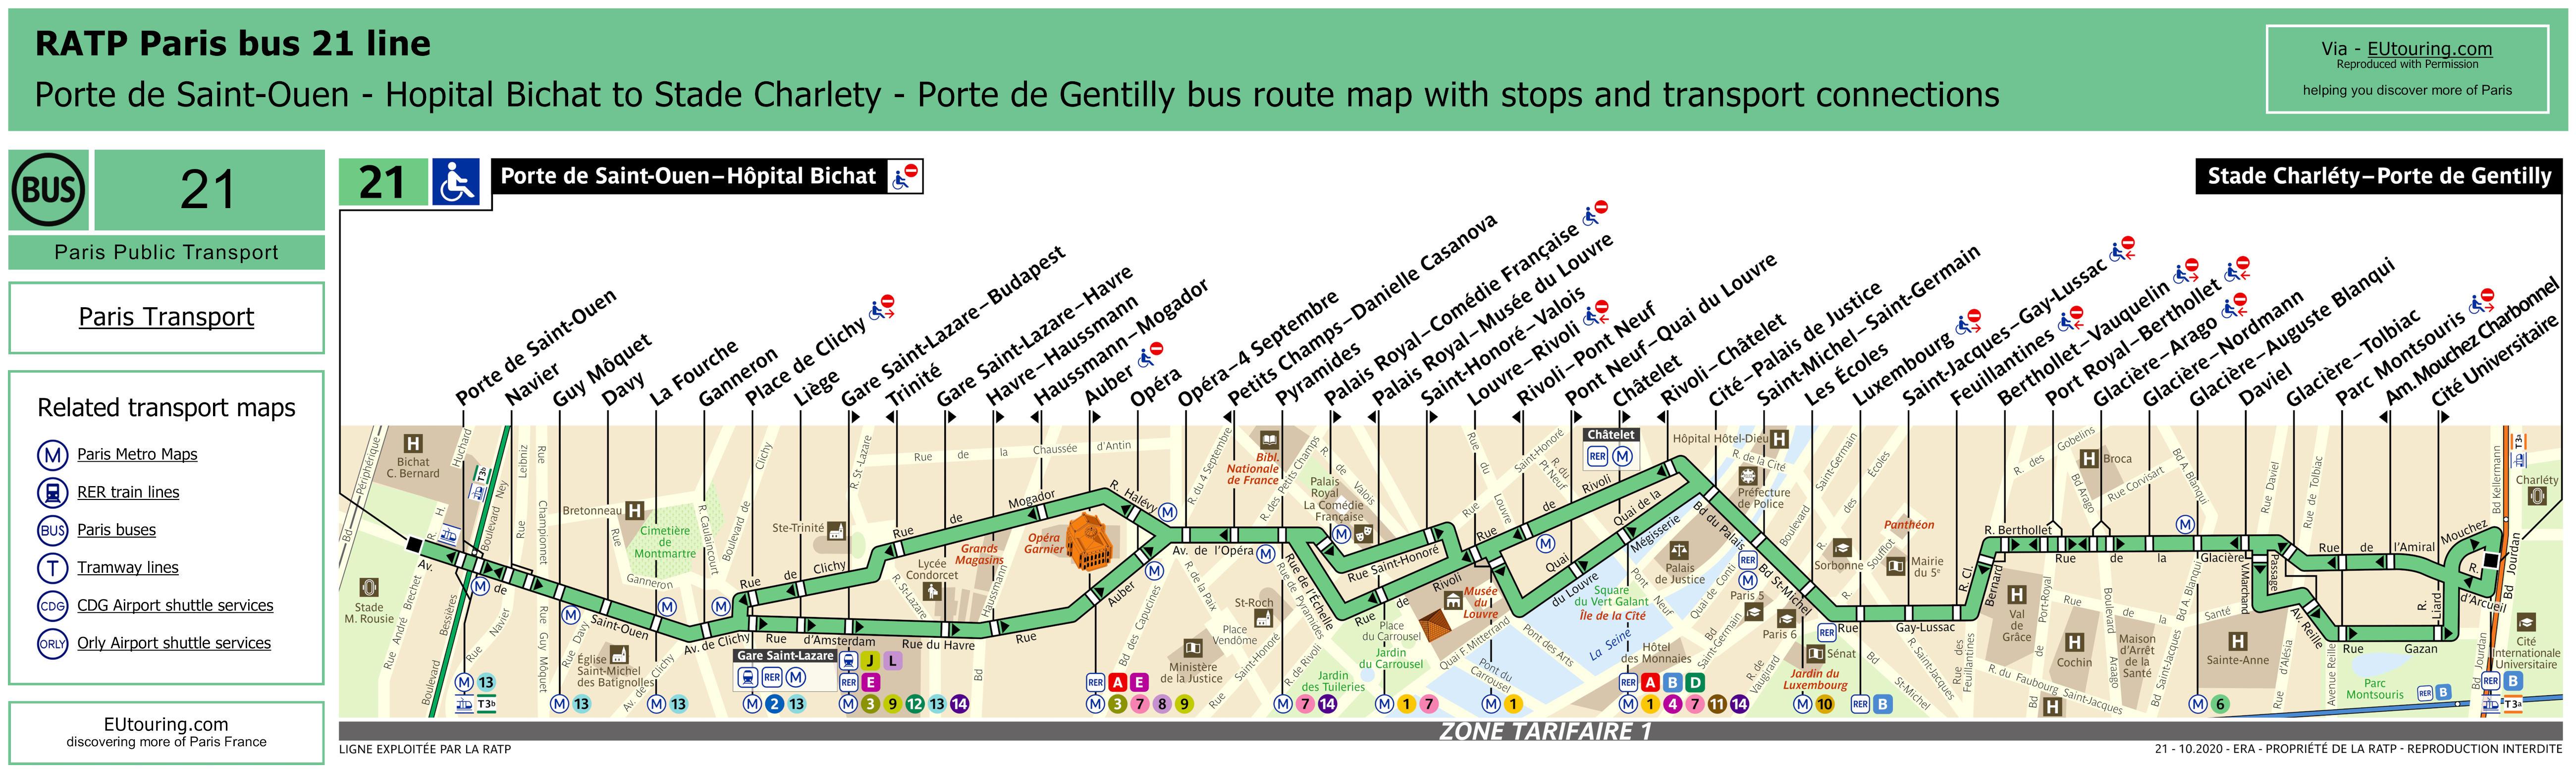 Bus Route Map Paris France Paris Bus Route Maps With City Street - Bus map paris france